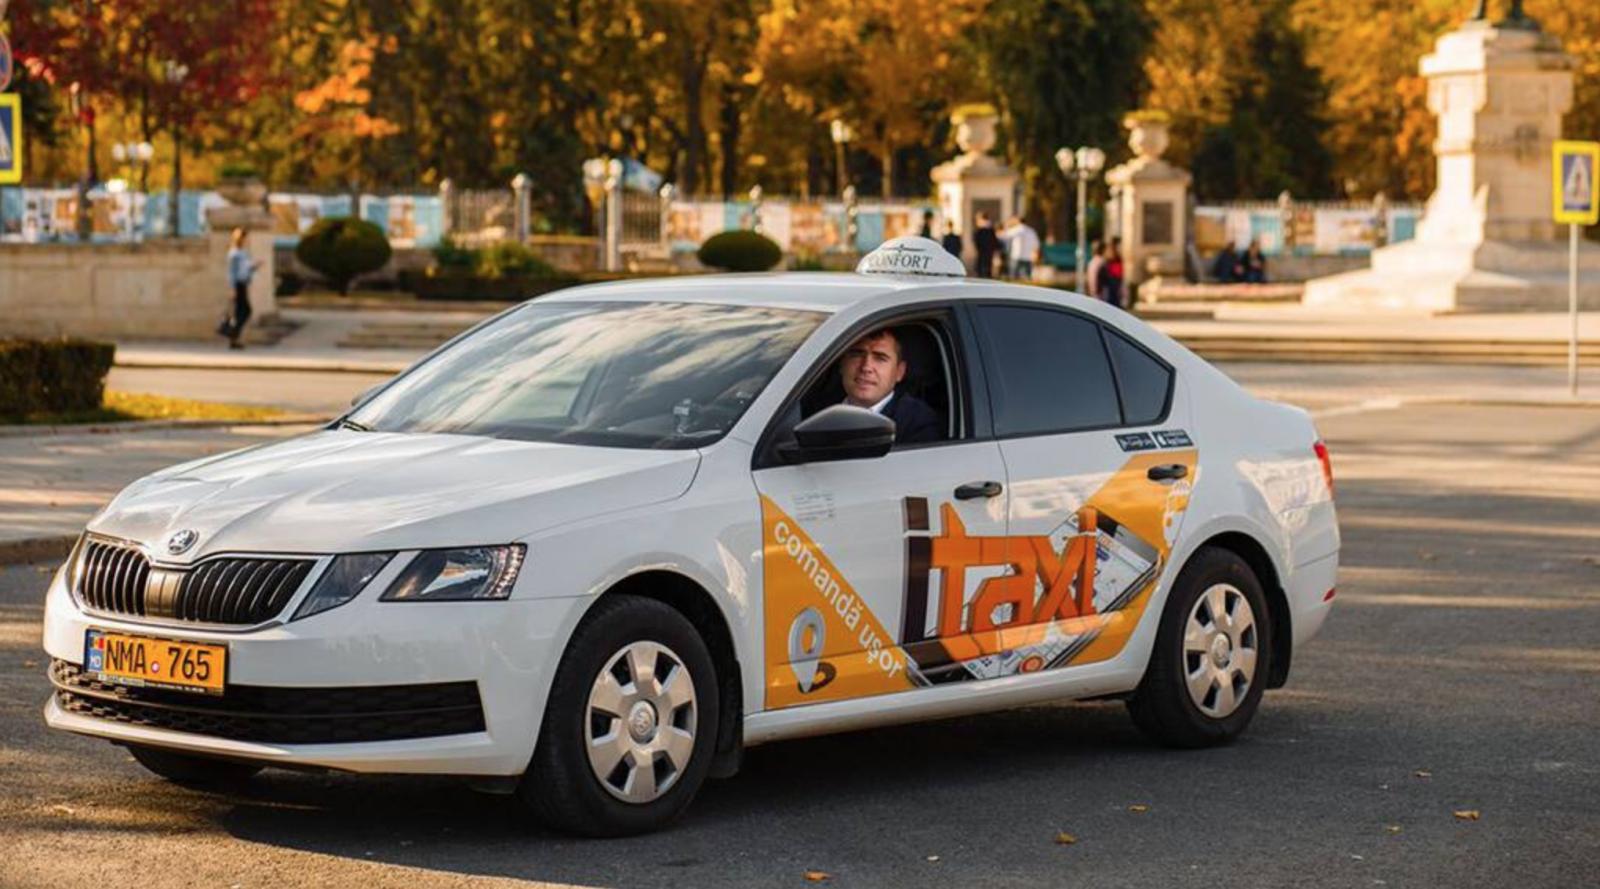 Tranzacție surpriză pe piața moldovenească. O cotă importantă din iTaxi a fost cumpărată de Călin Fusu, unul dintre cei mai de succes antreprenori IT din România